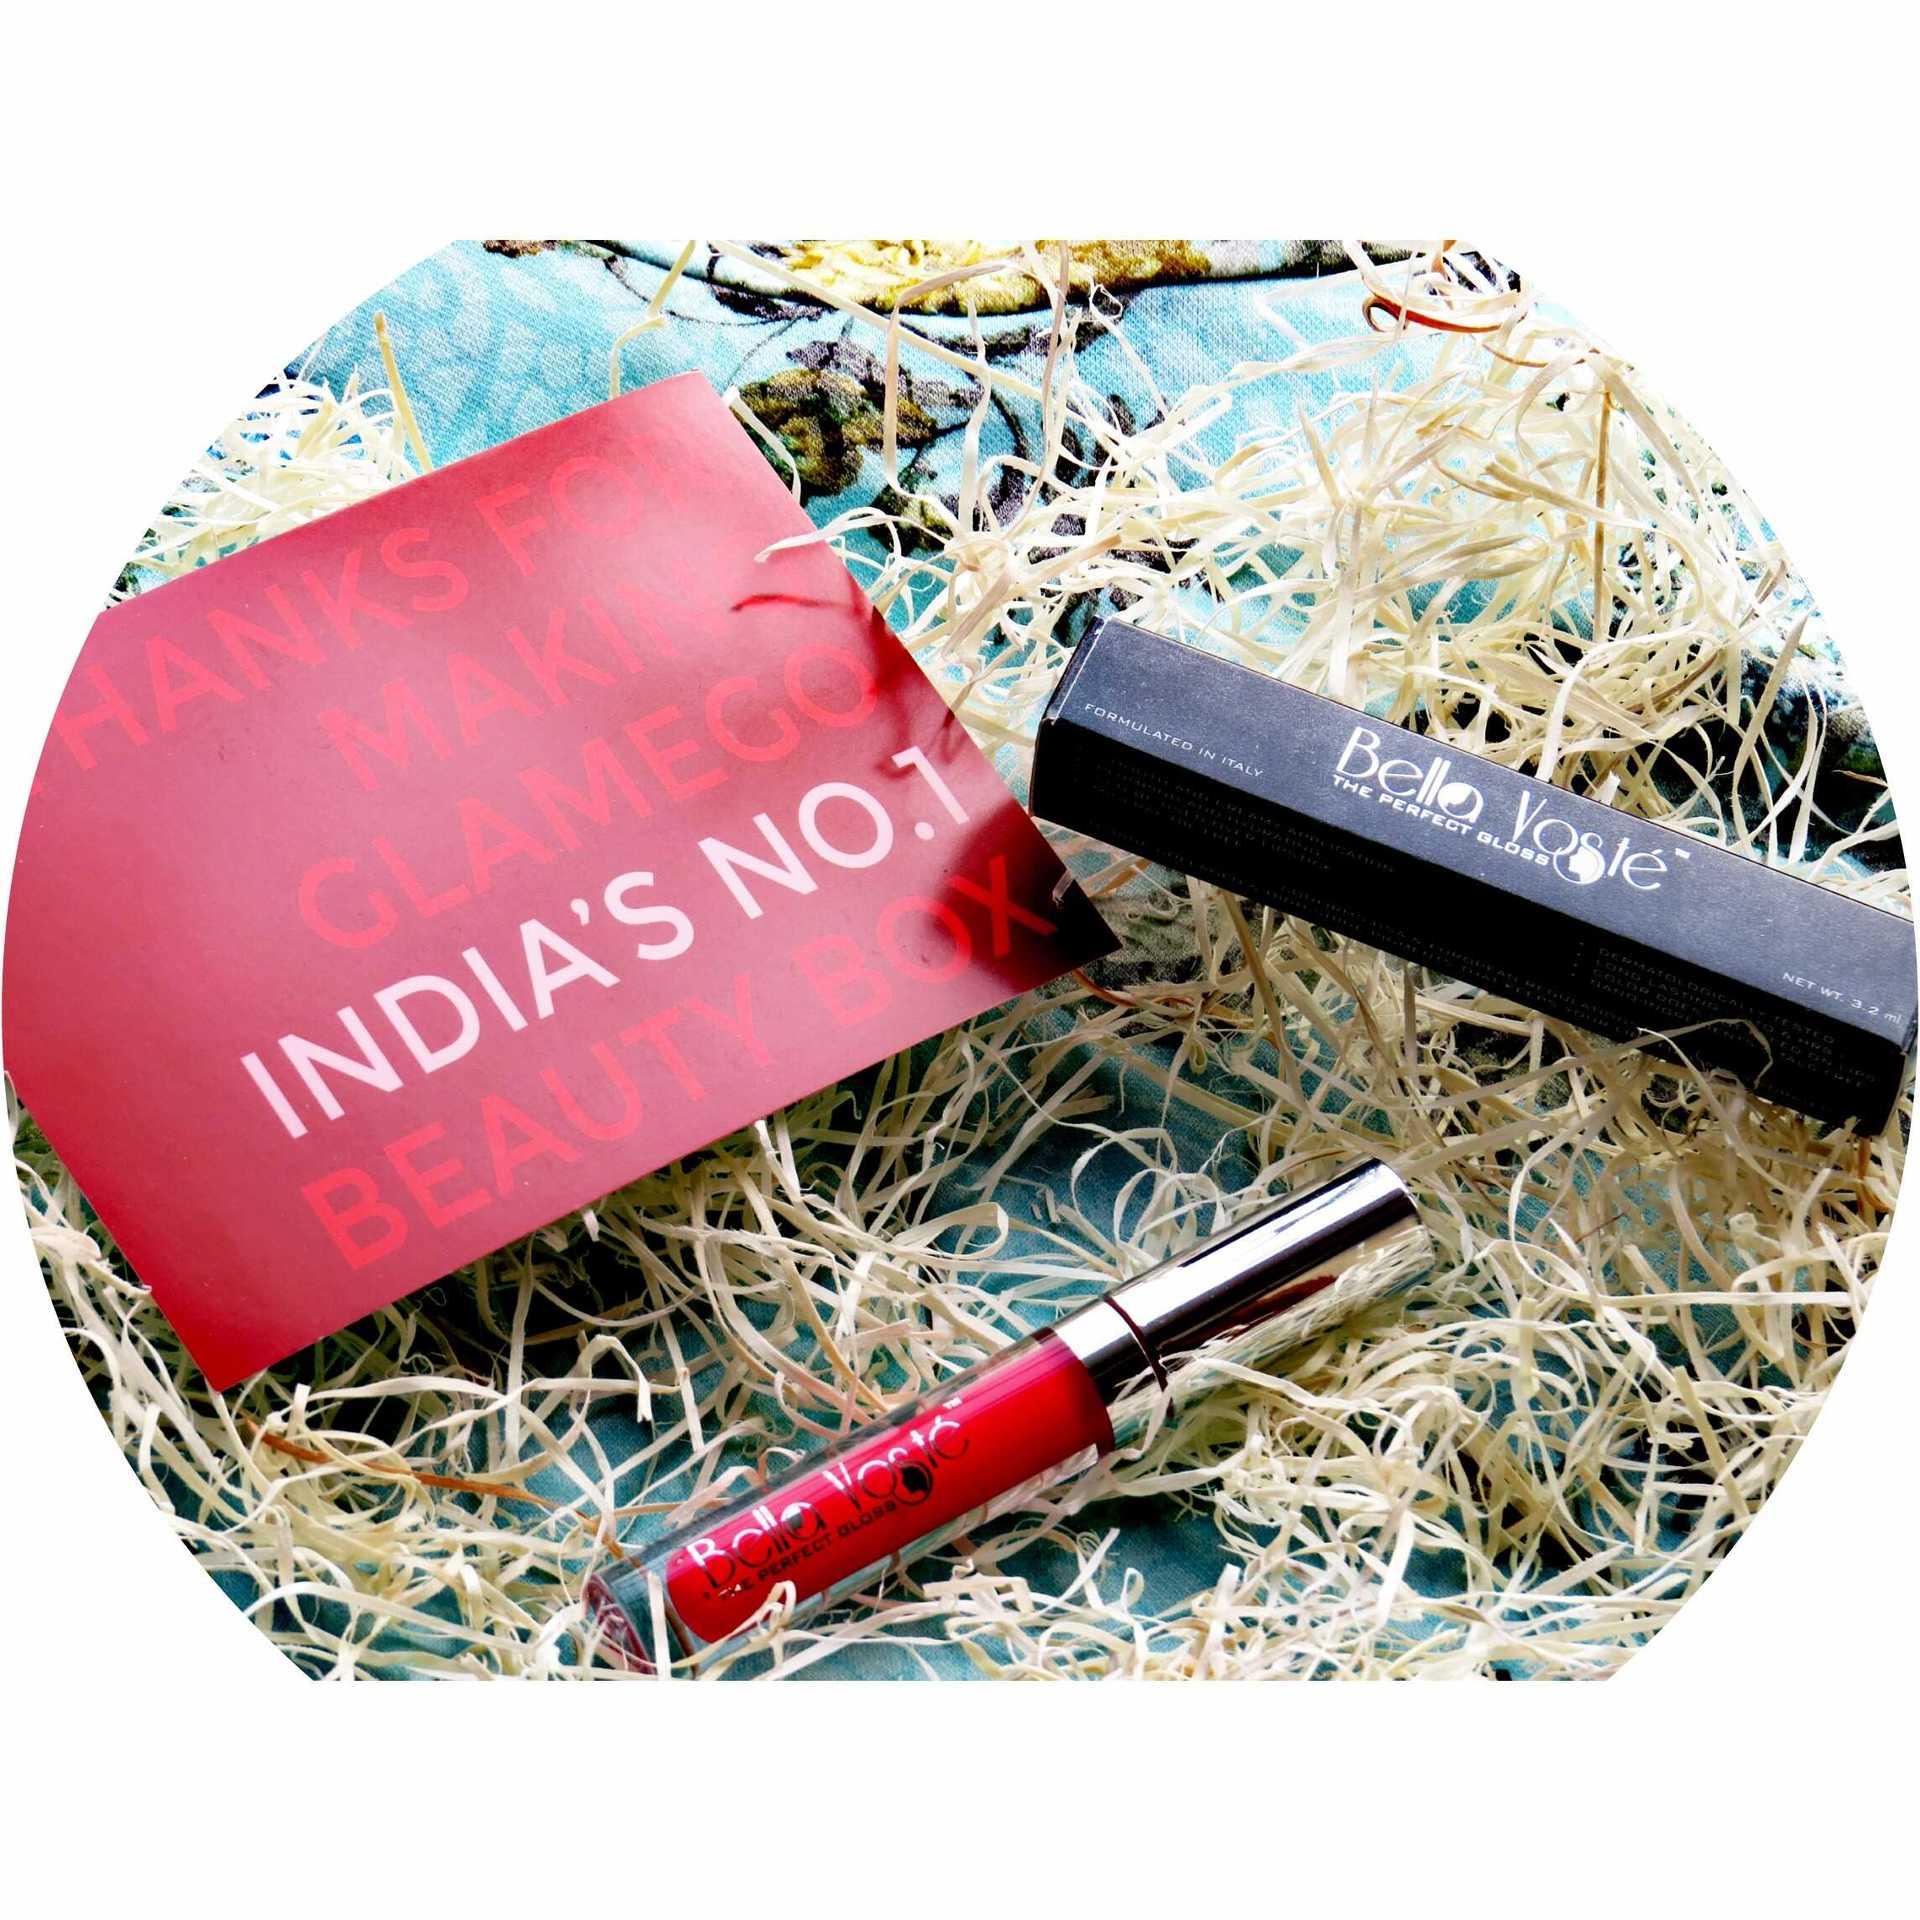 The mixed bag - PicsArt_02-01-10